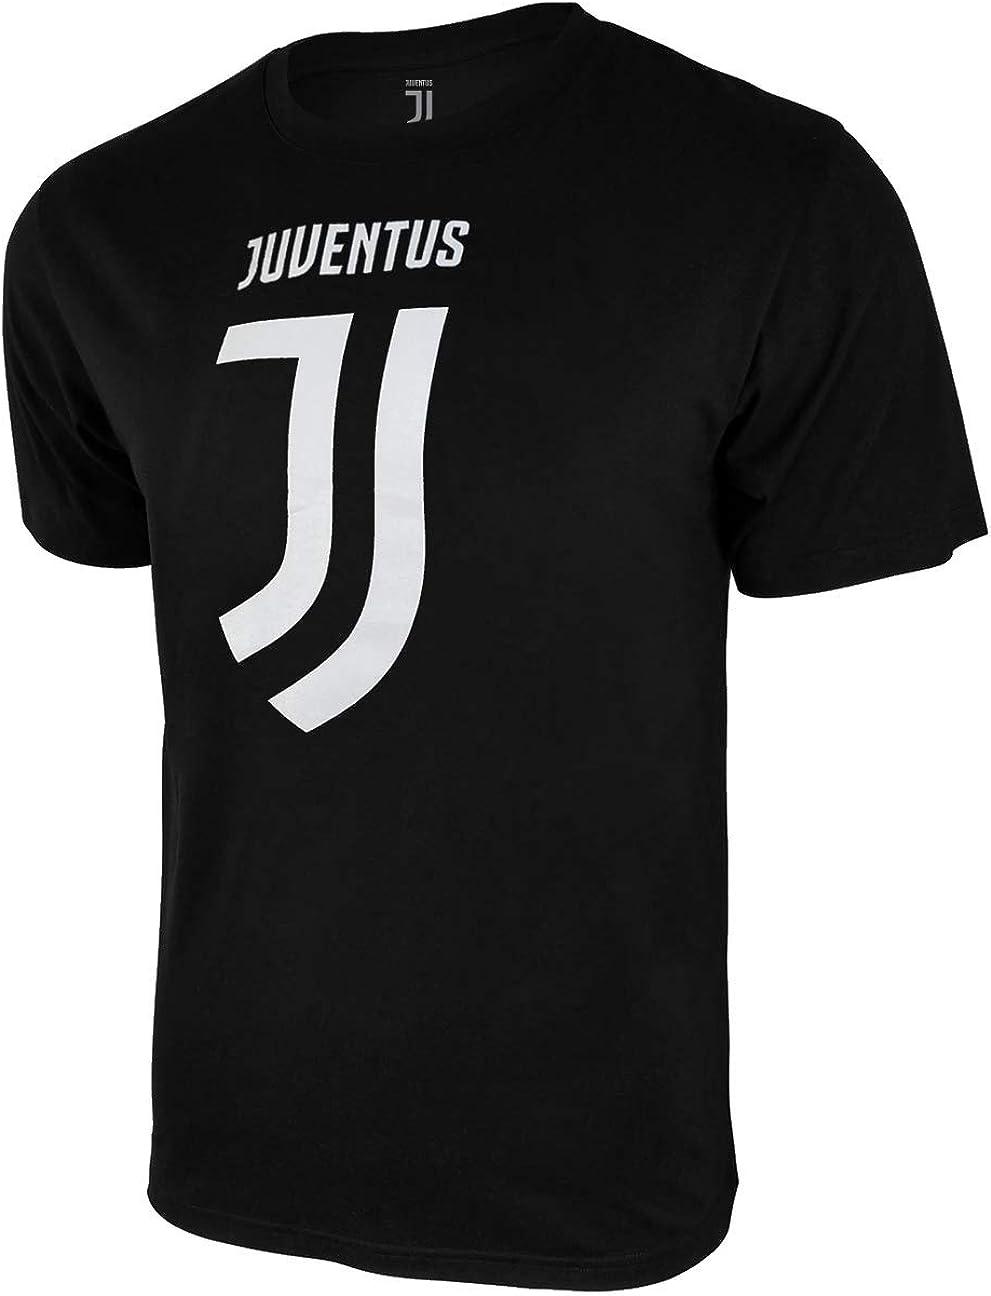 Icon Sports Juventus Logo T-Shirt